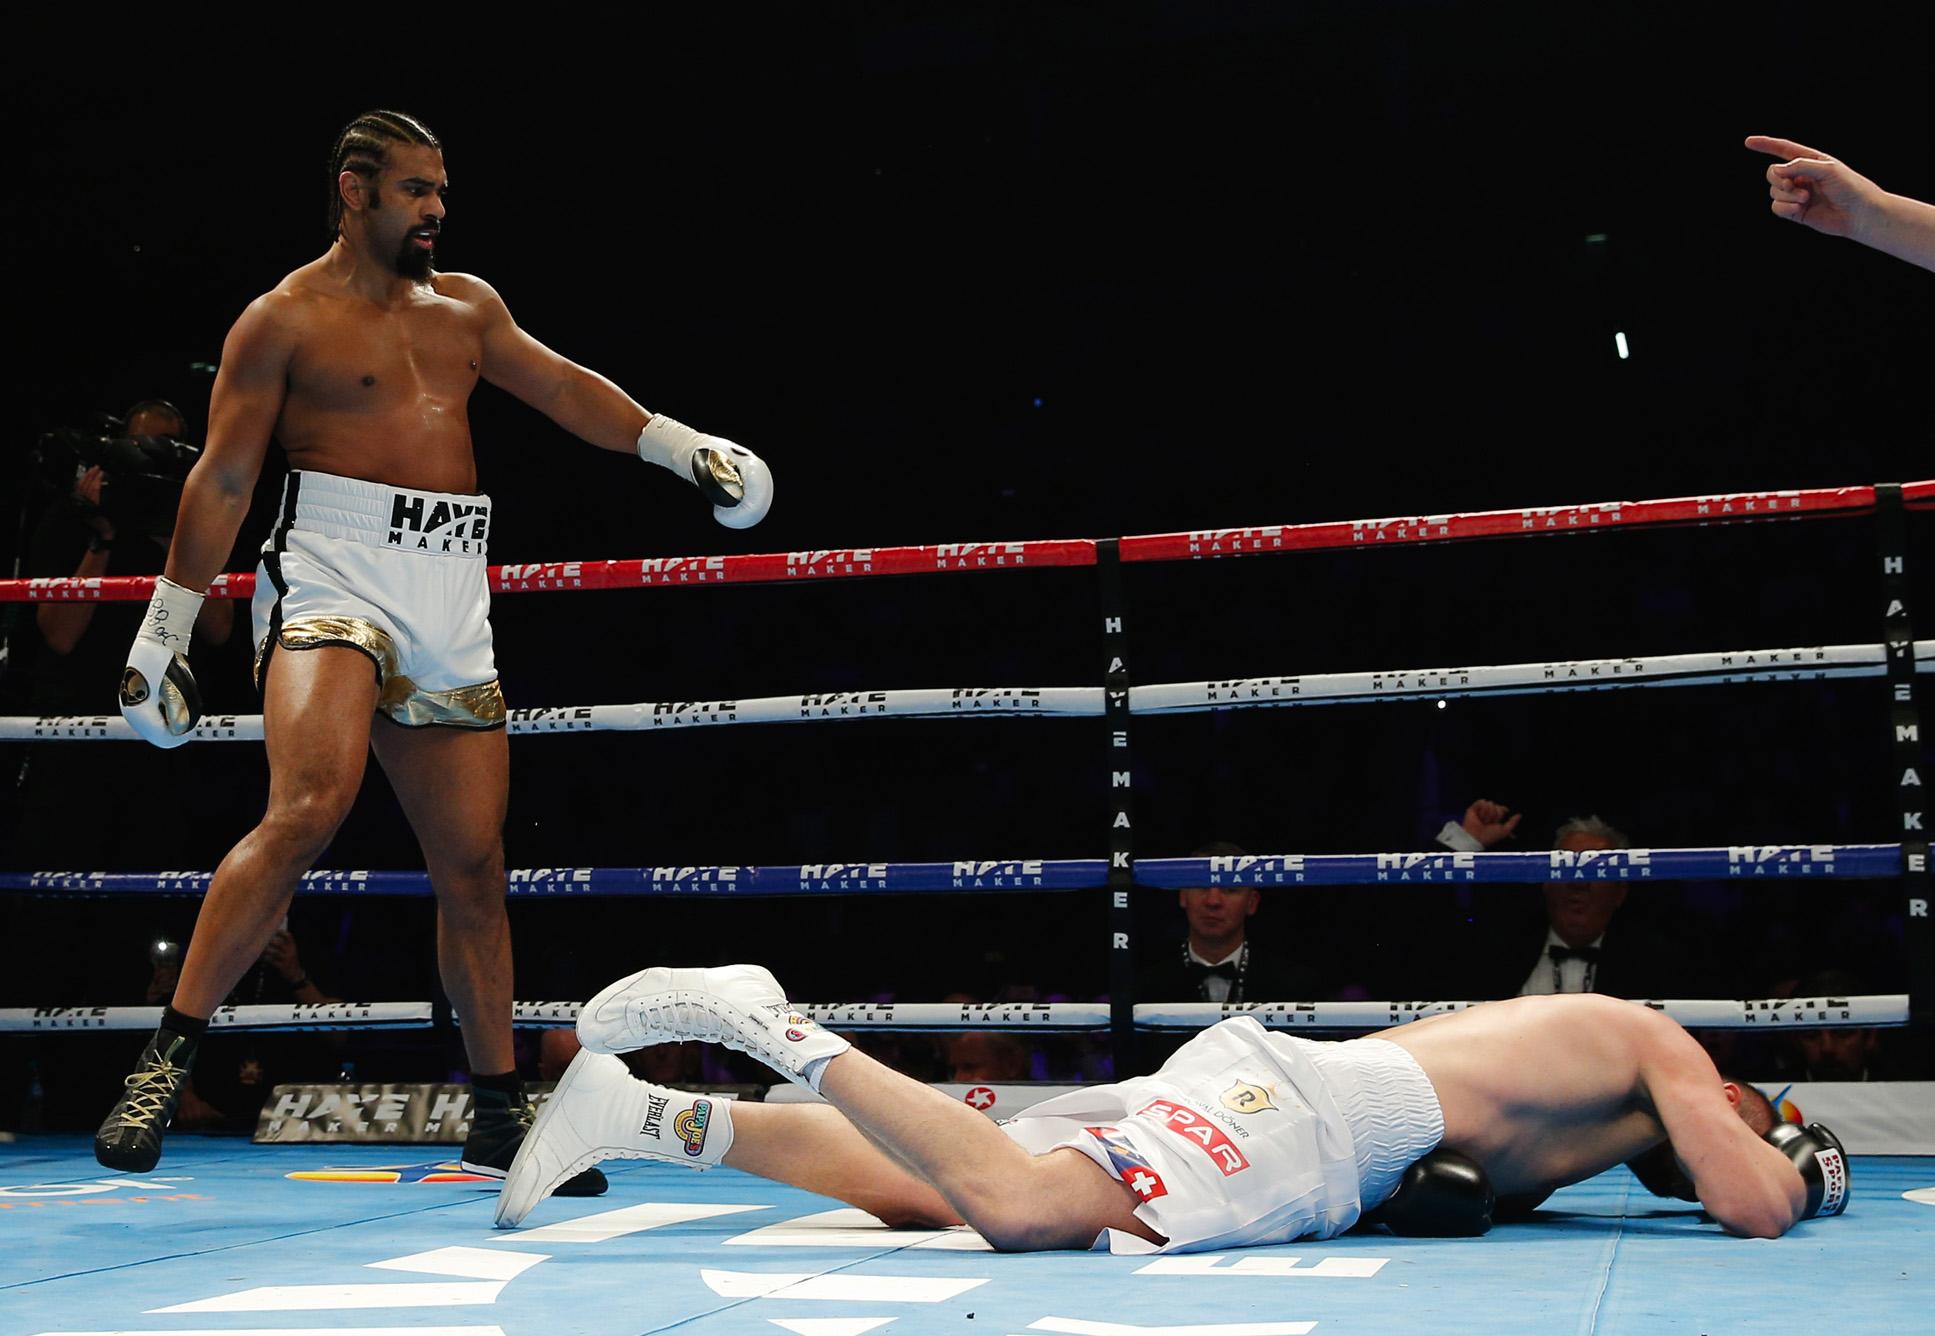 Schon in der ersten Runde geht Arnold Gjergjaj zum ersten Mal zu Boden.